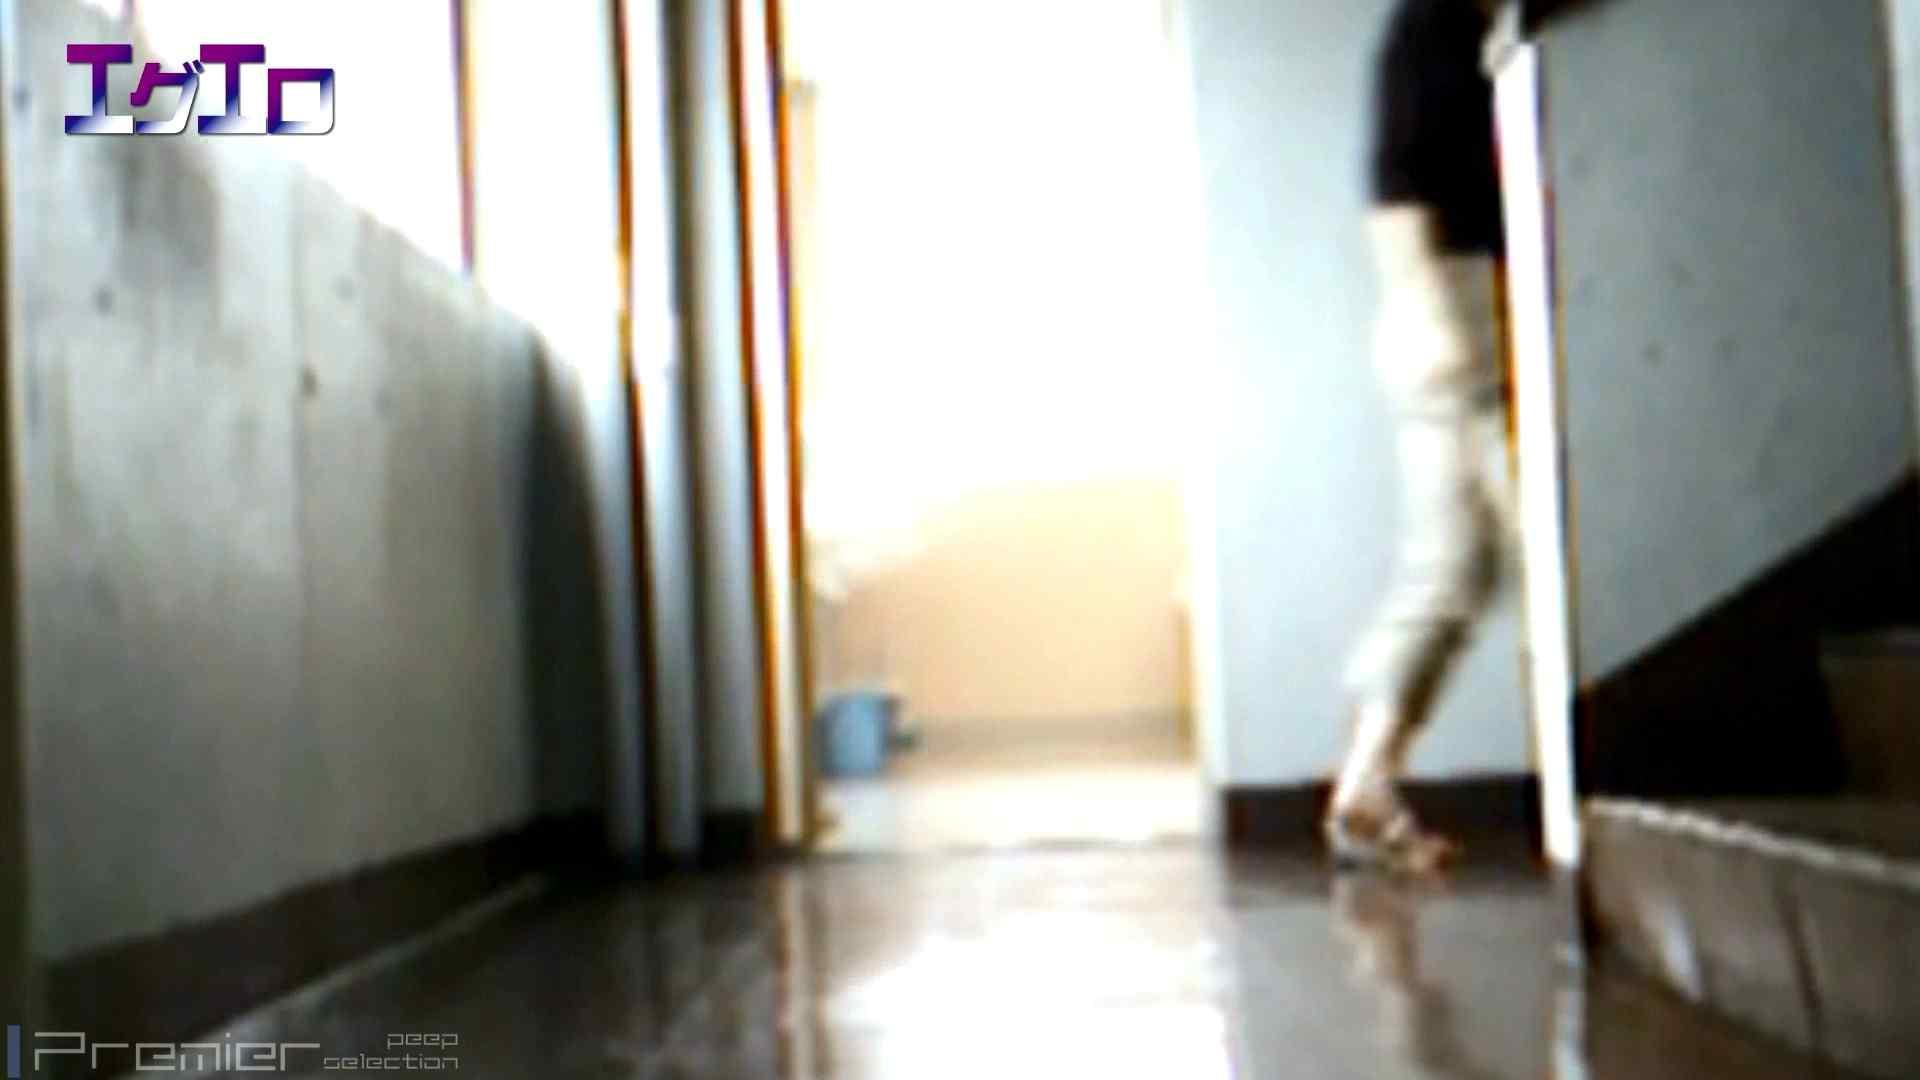 至近距離洗面所 Vol.09夏ギャルキタ~和式トイレ放nyoショー トイレの実態  80PIX 20